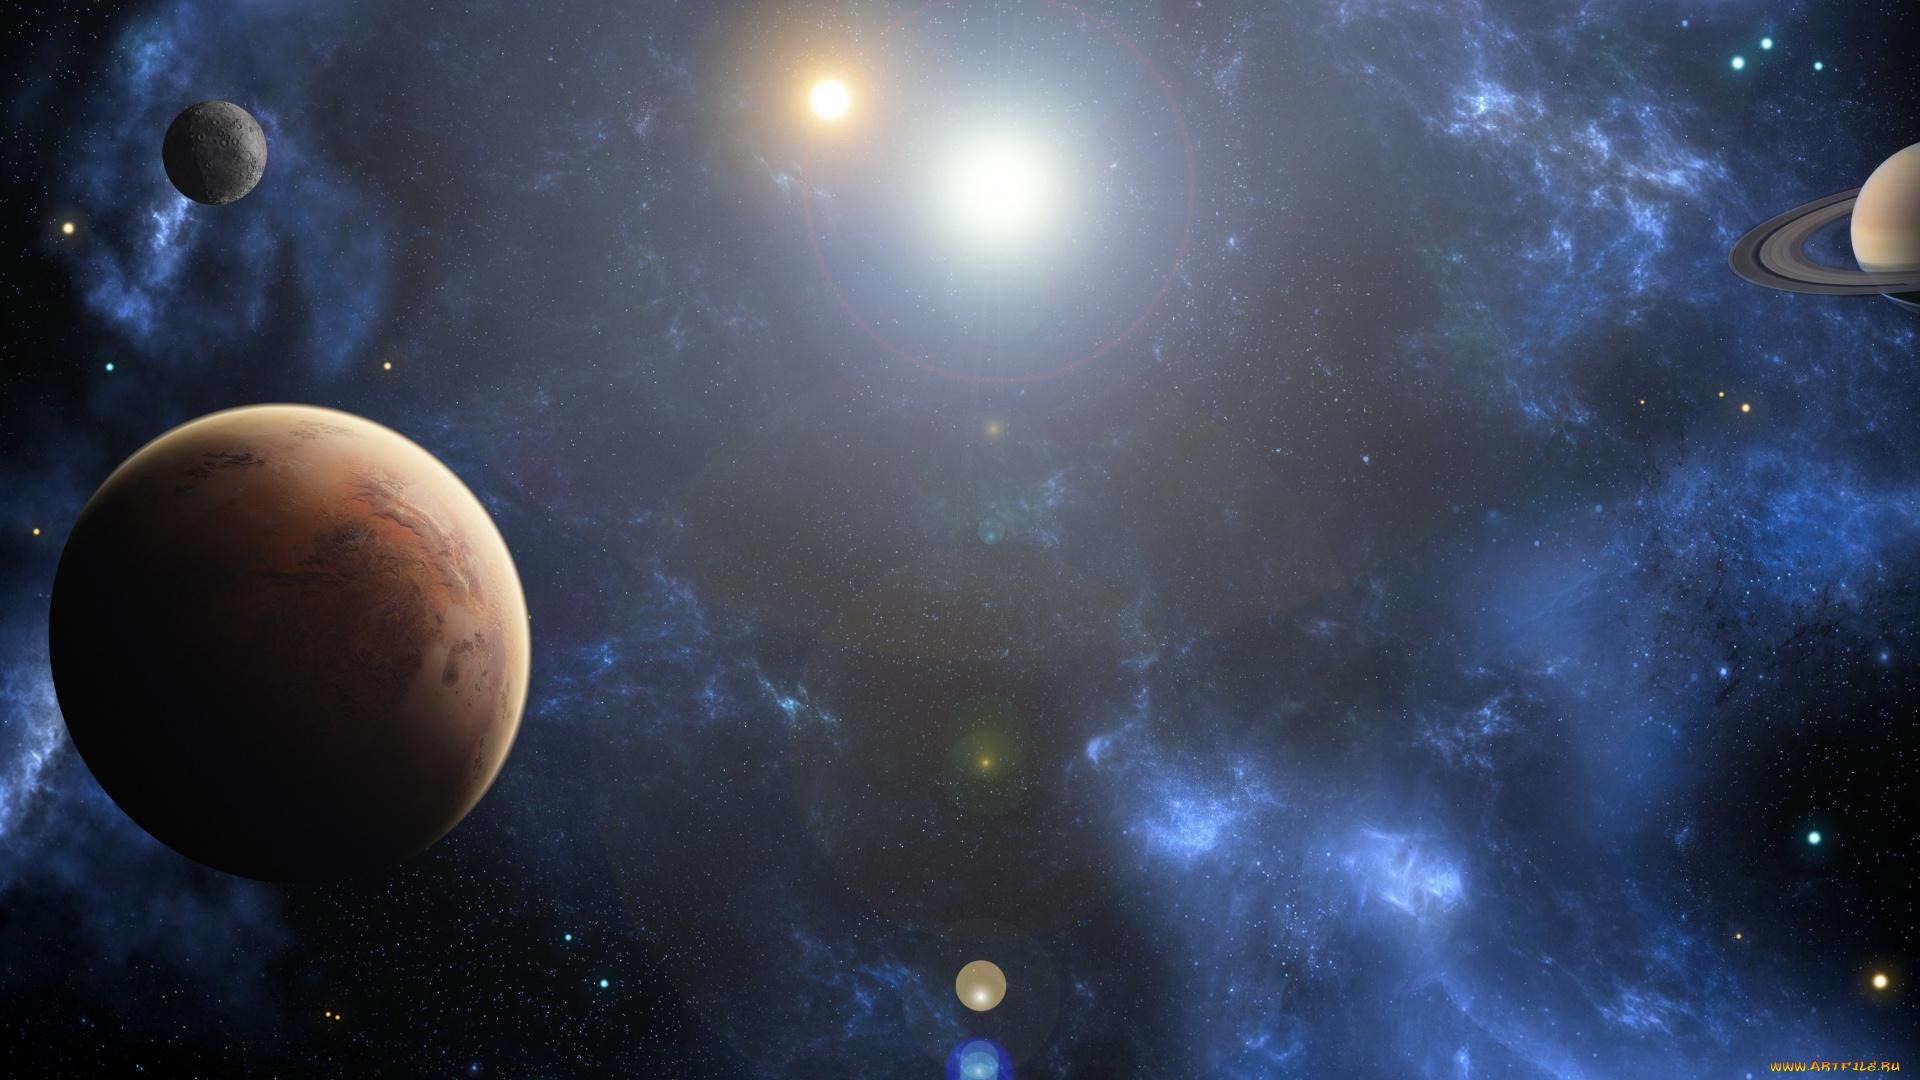 картинки на рабочий стол планеты солнечной системы могу сказать